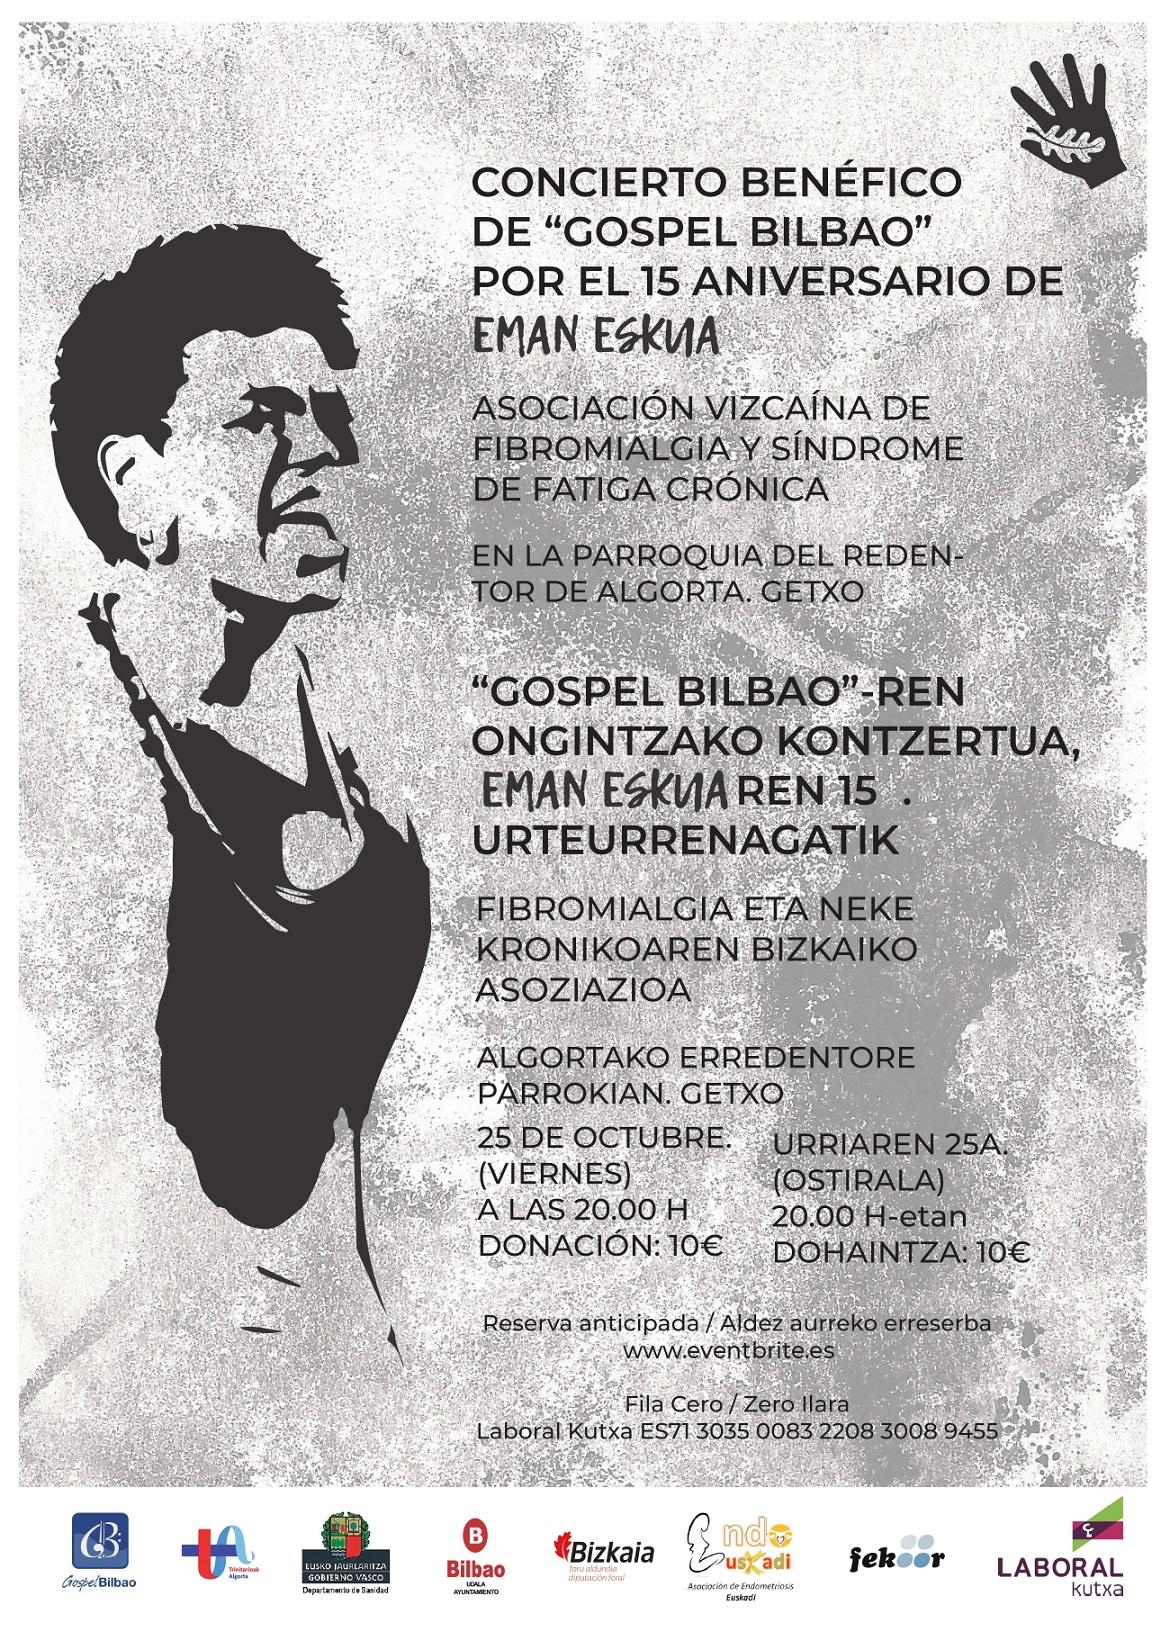 Concierto Benéfico de Gospel Bilbao